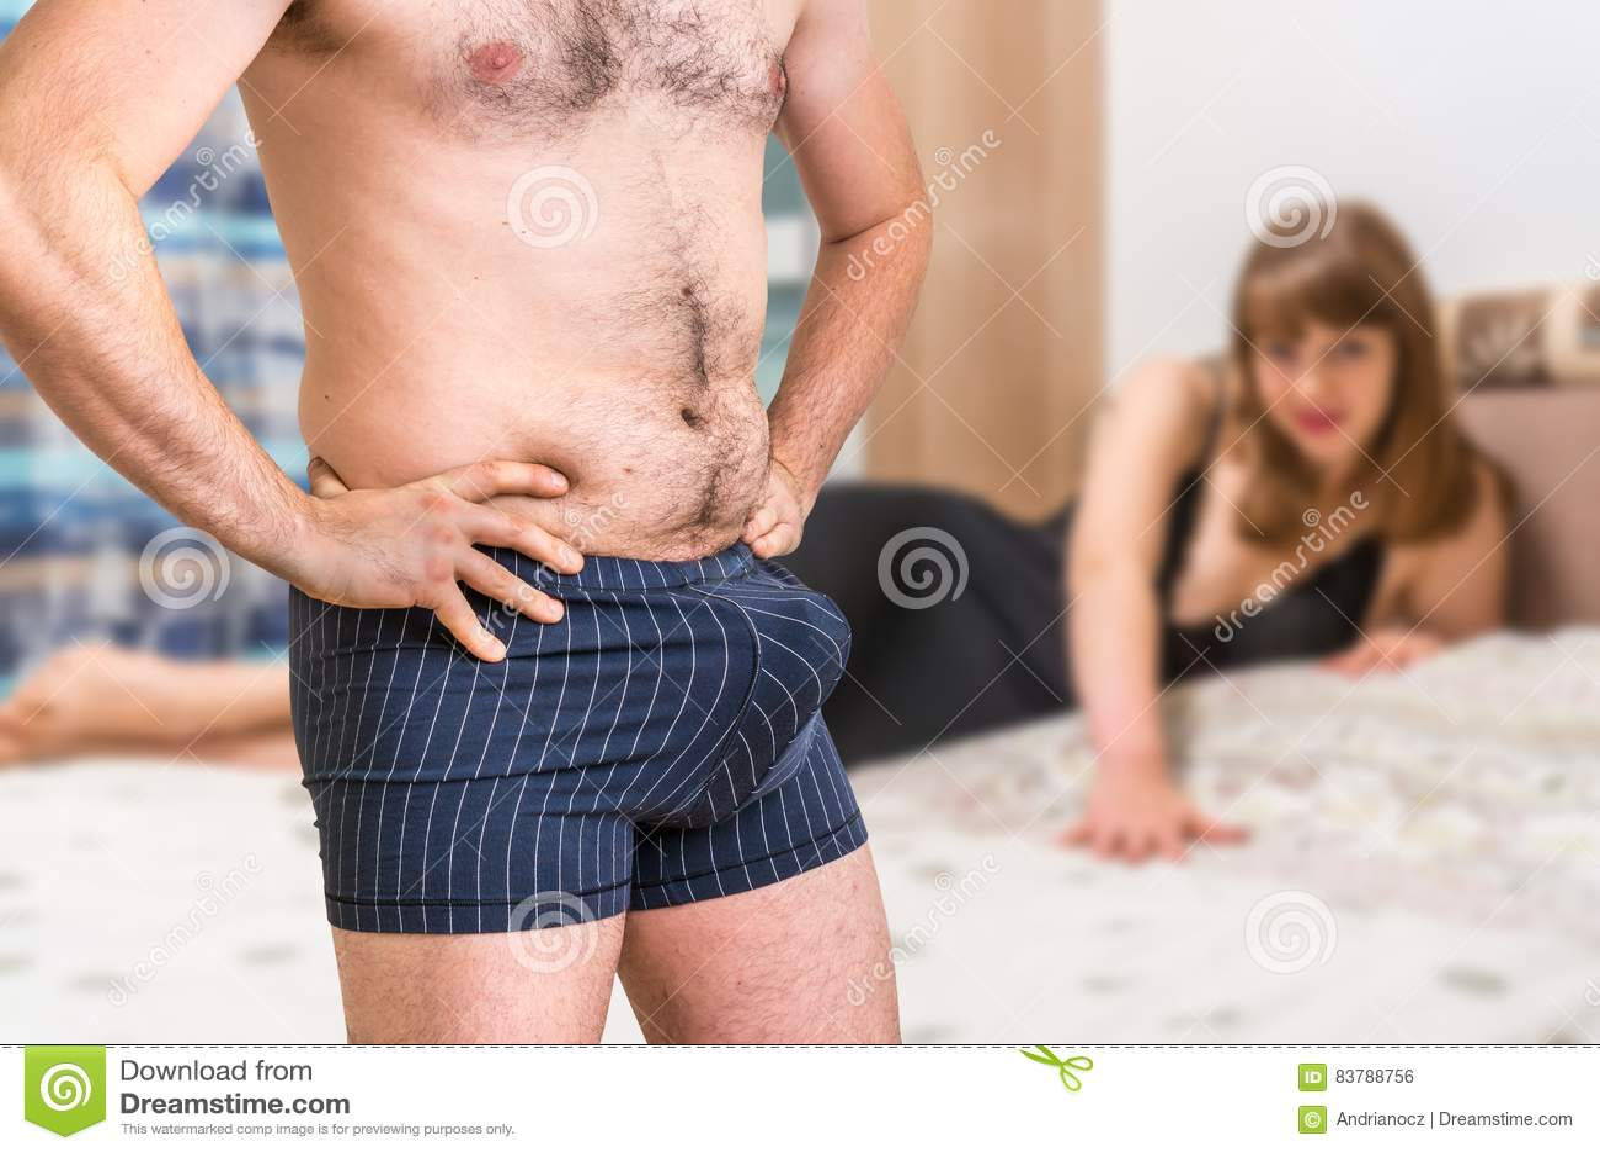 εσώρουχα μεγάλο πουλί λυκάνθρωπος πορνό ταινίες